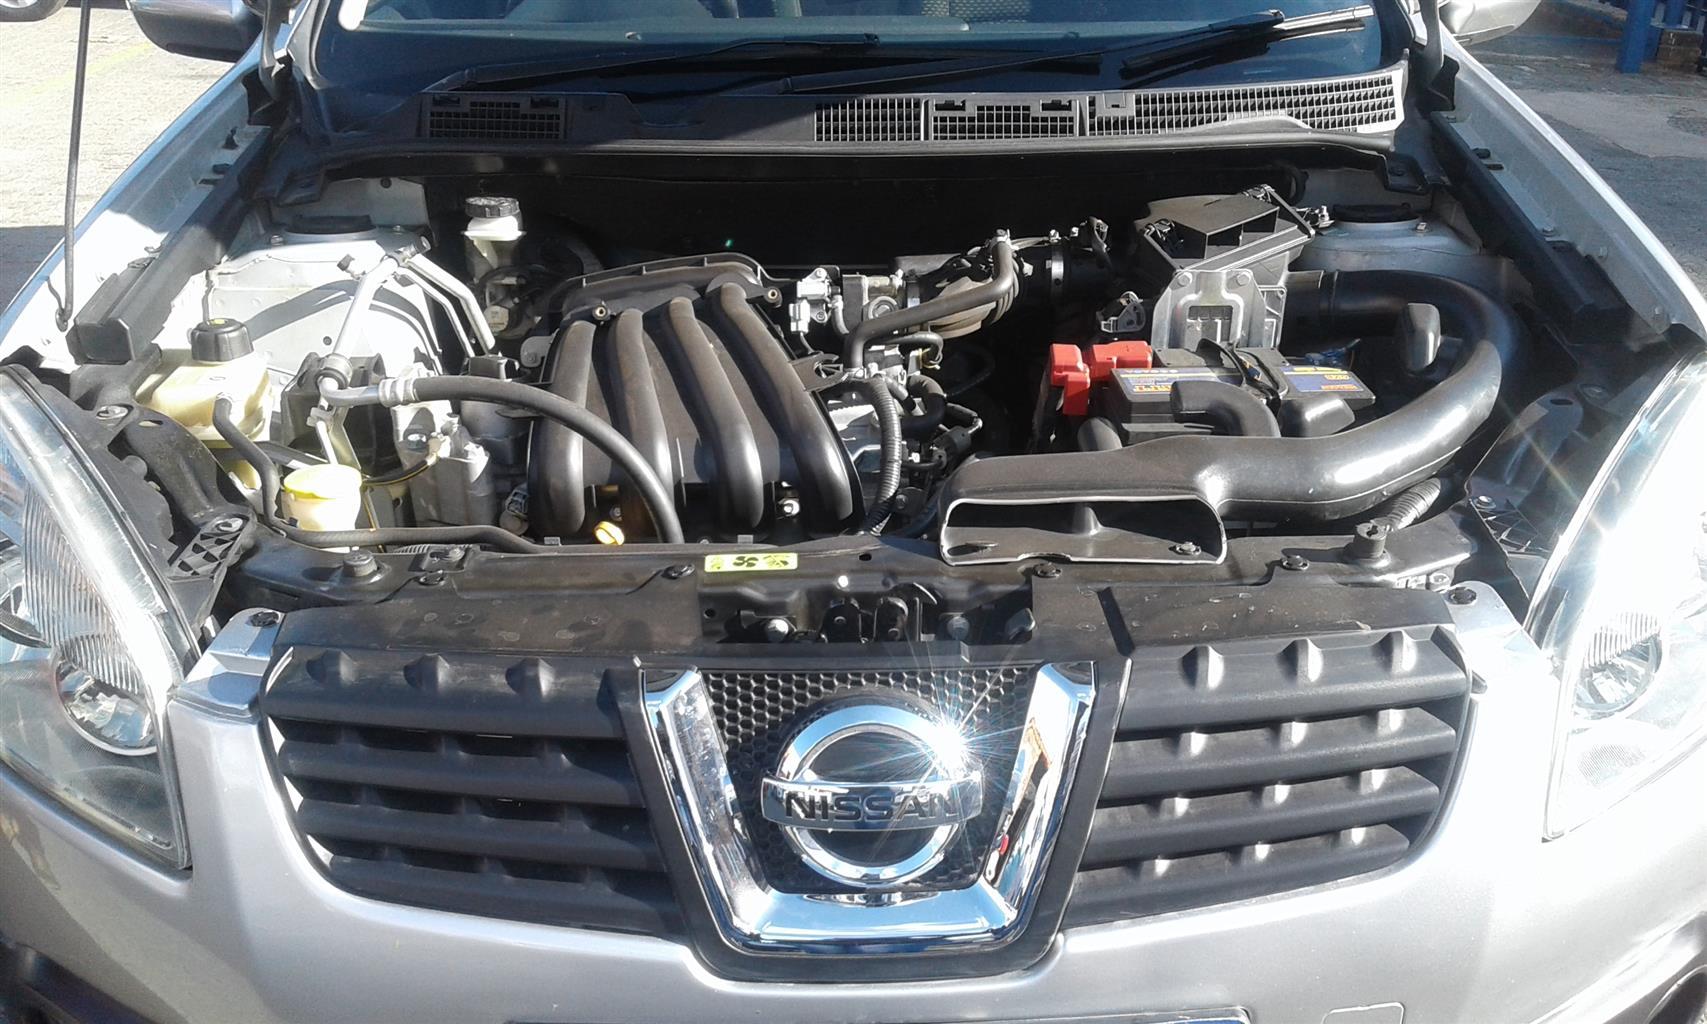 2008 Nissan Qashqai 1.6 Visia